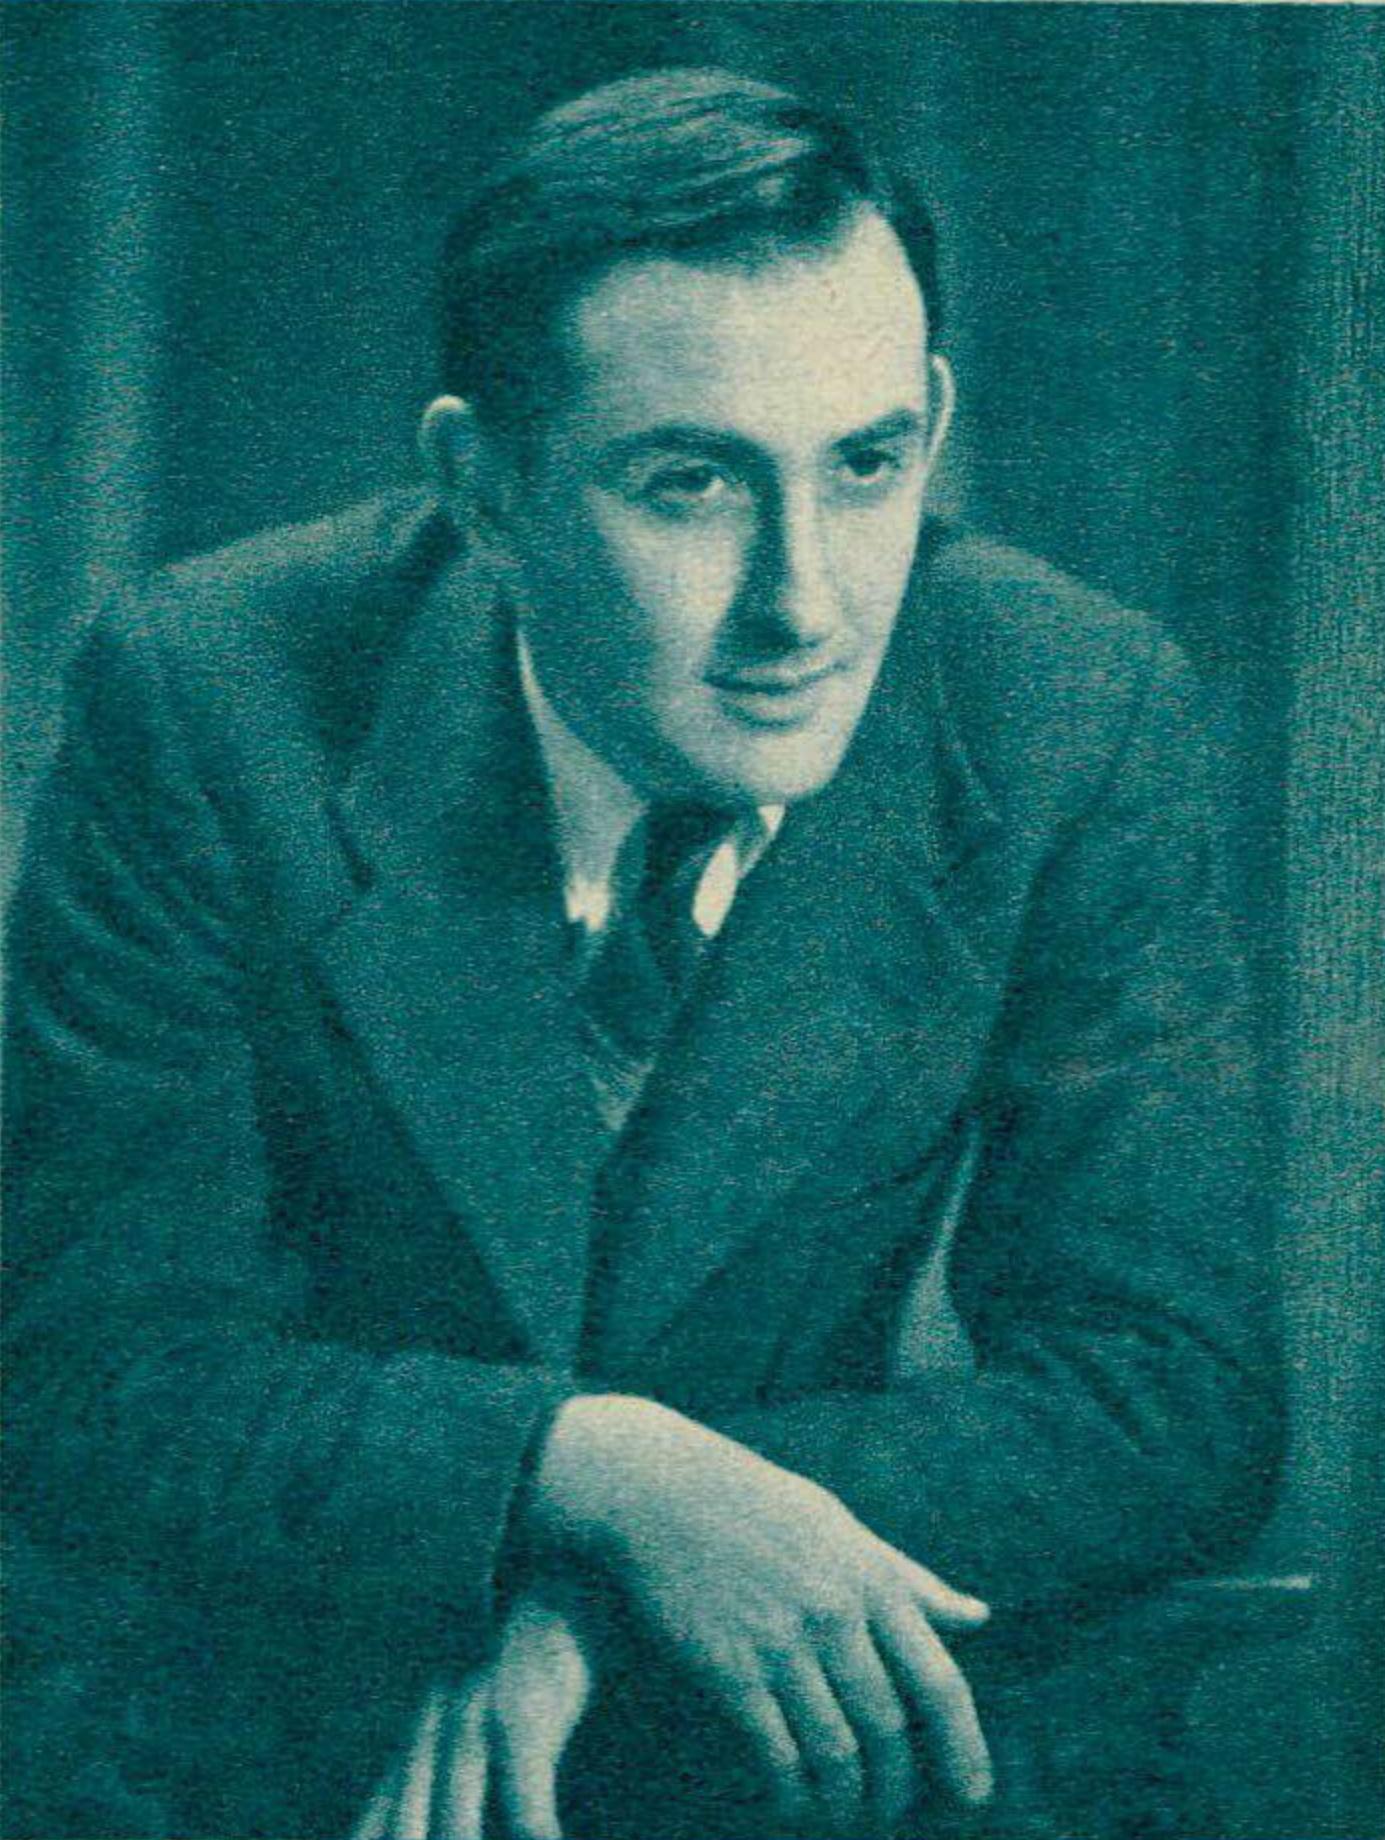 Nikita MAGALOFF, un portrait publié - entre autres - dans la revue Le Radio du 6 septembre 1940 en page 1105, cliquer pour une vue agrandie